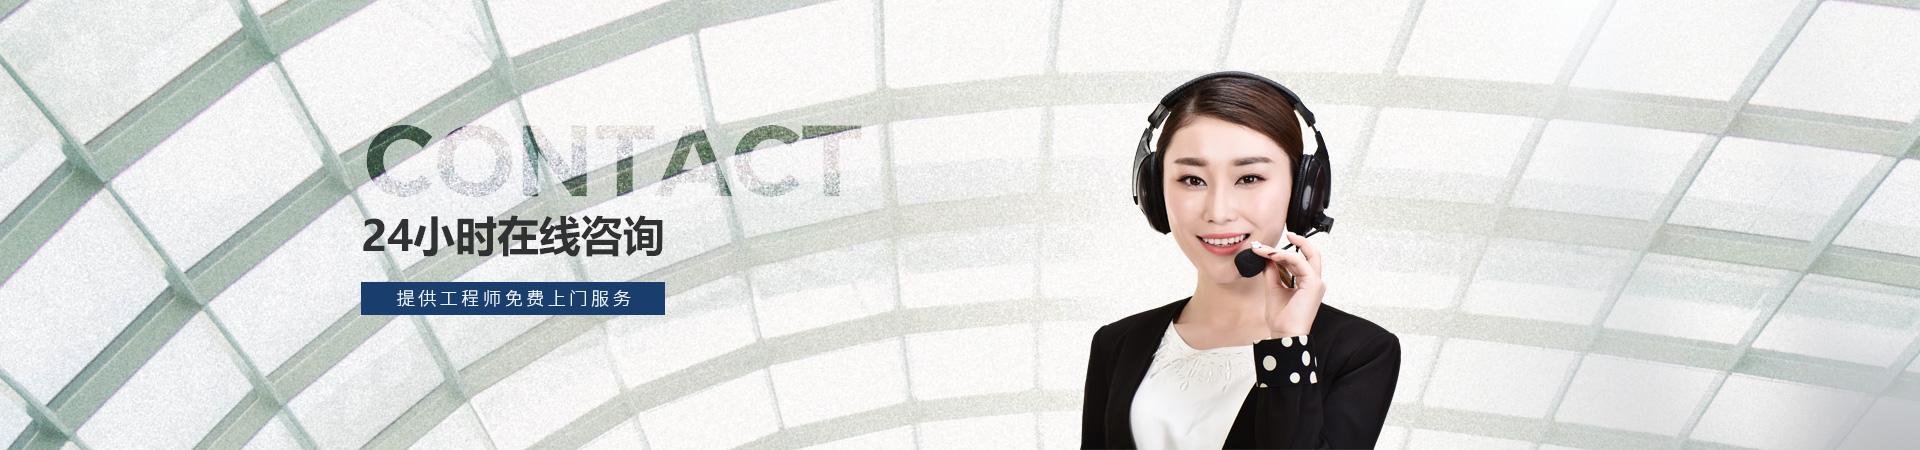 佳金源24小时在线咨询,提供工程师免费上门服务